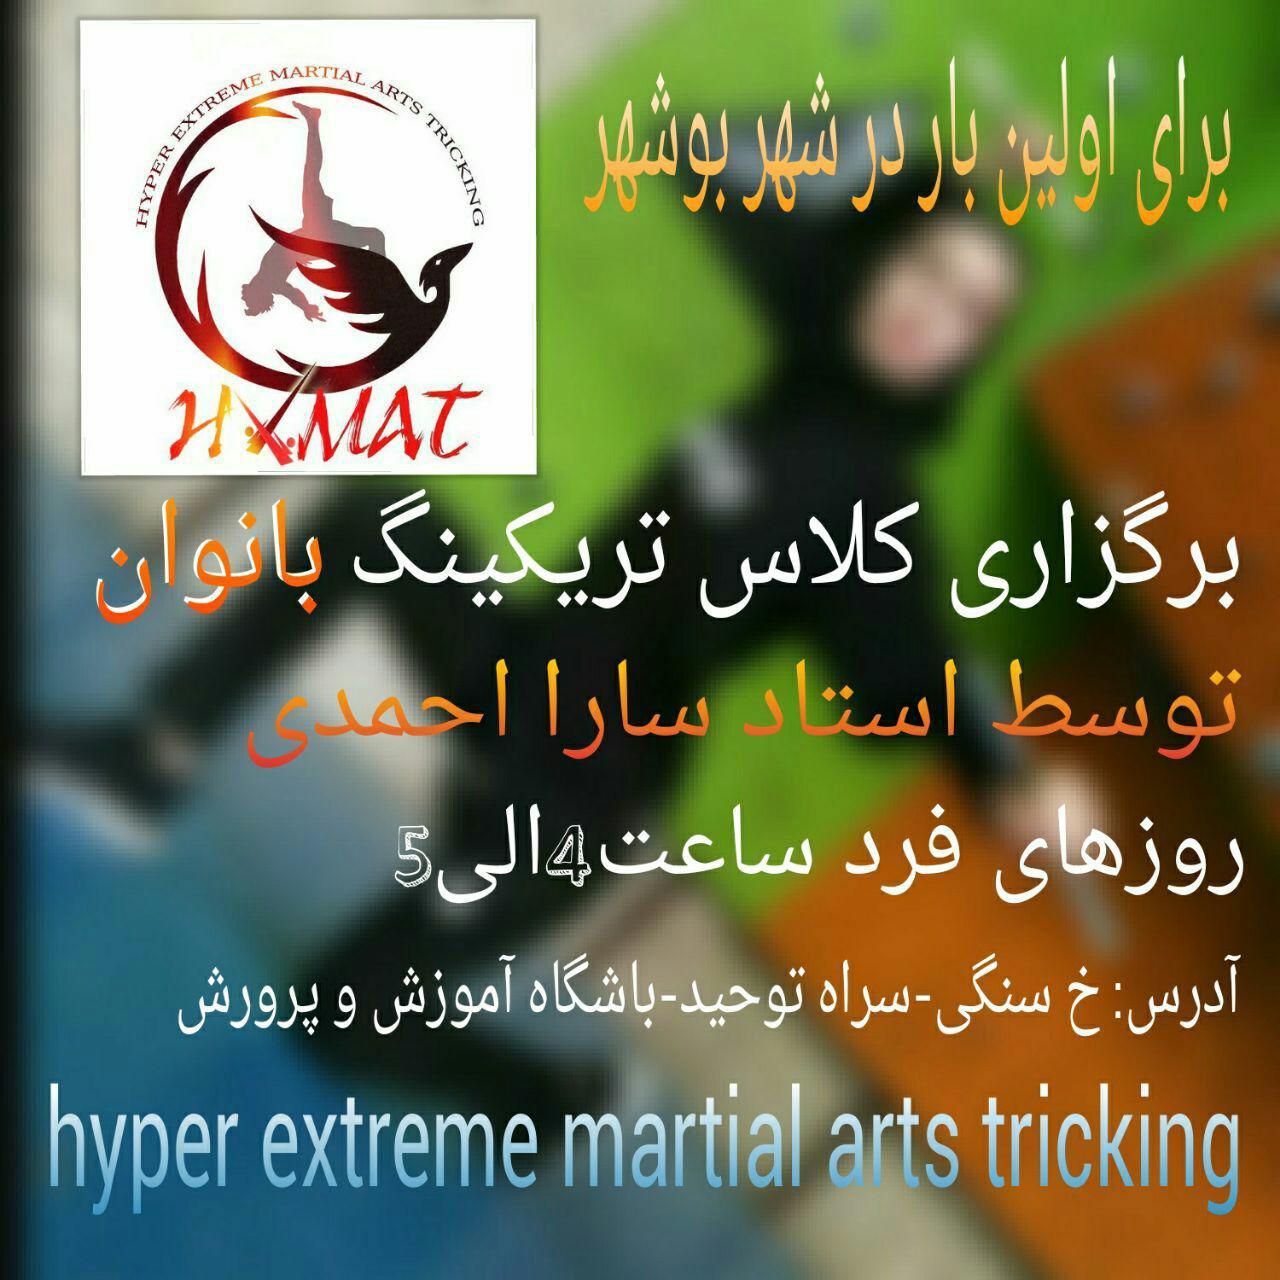 کلاس تریکینگ بانوان بوشهر